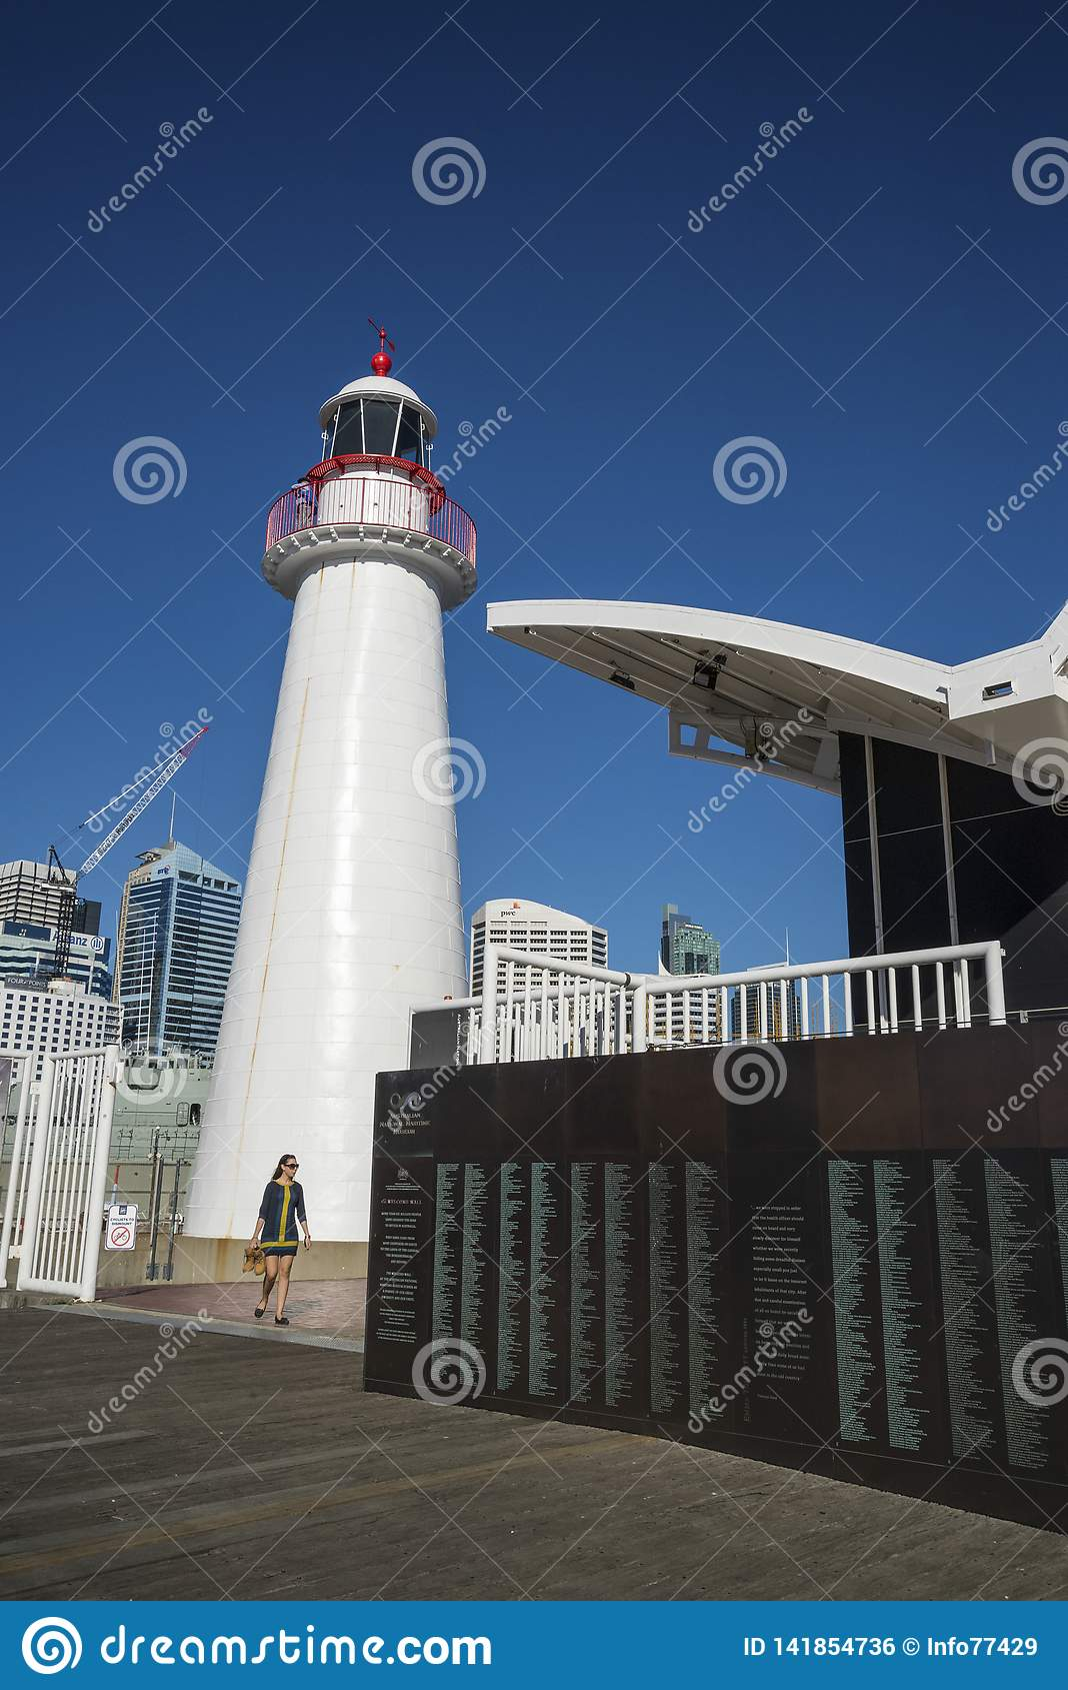 Faro, museo marittimo nazionale, Darling Harbour, Sydney, Australia